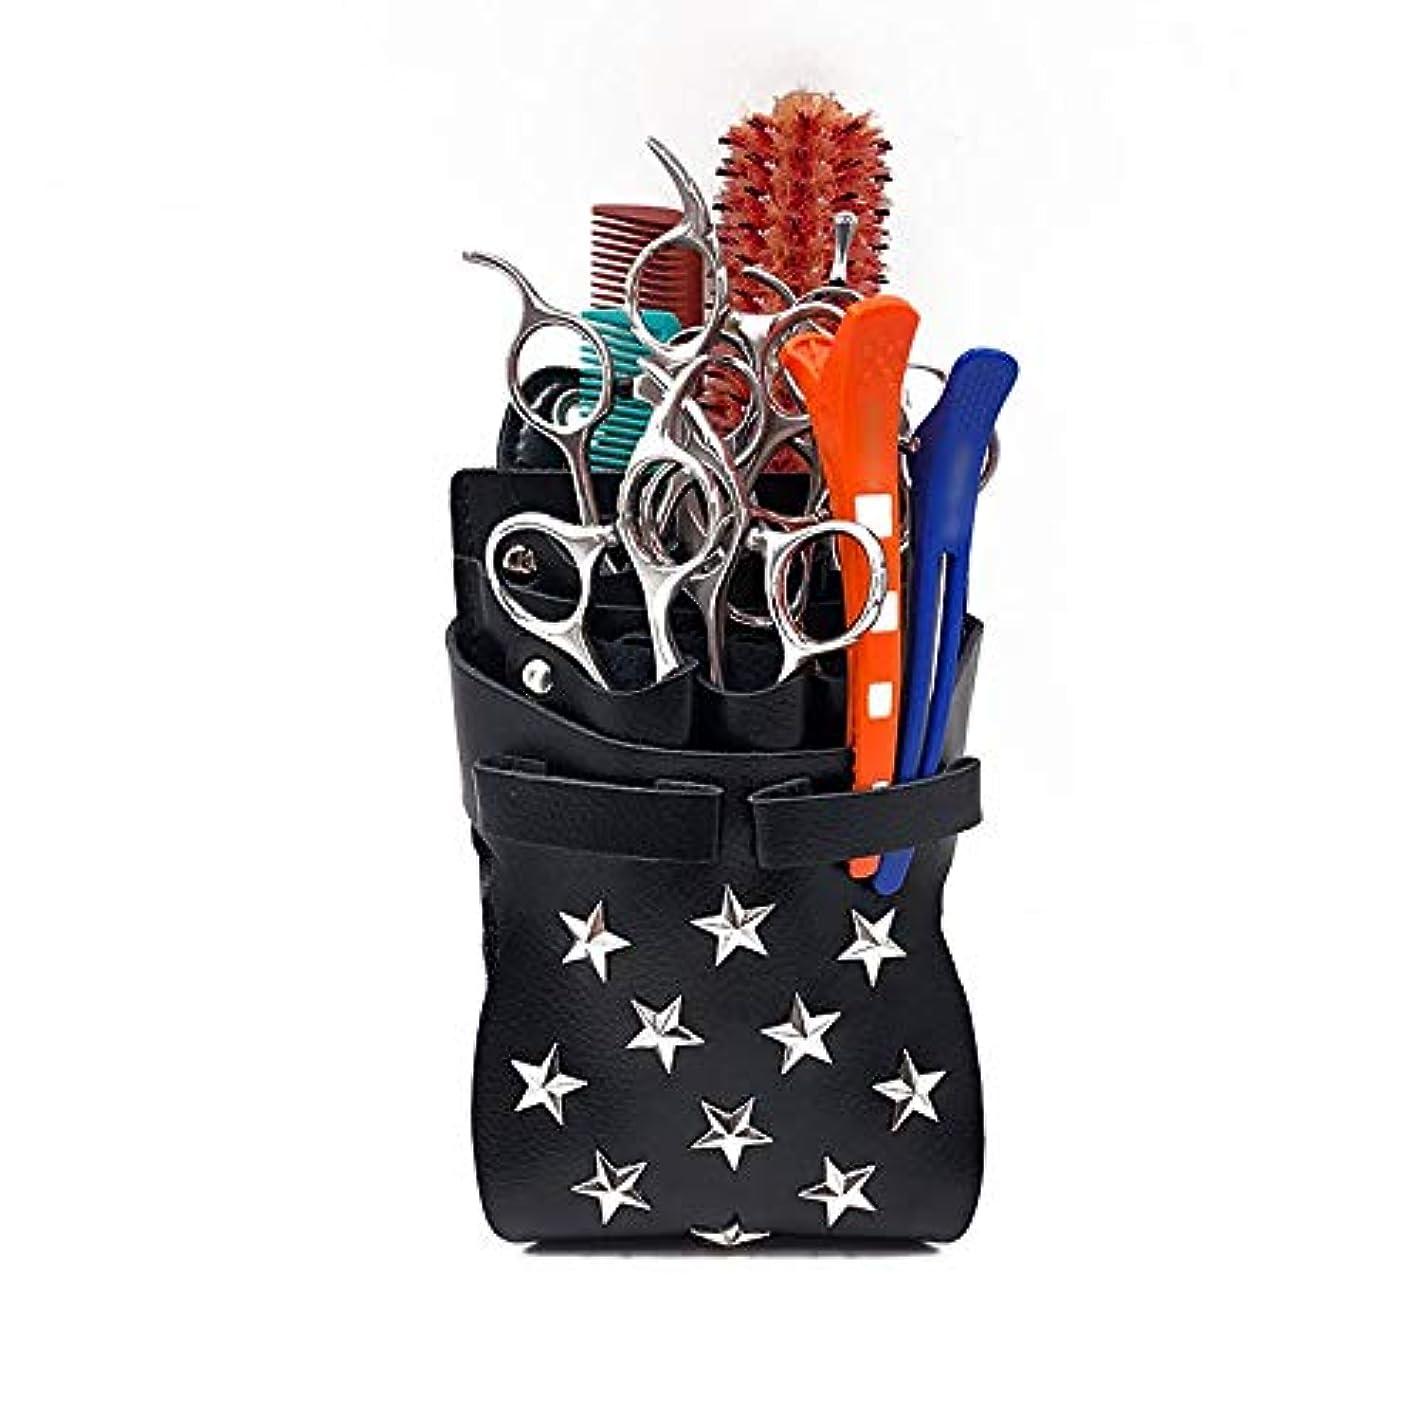 悲惨横支援する理髪キットポケット革理容専門はさみホルスターポーチ モデリングツール (色 : 黒)